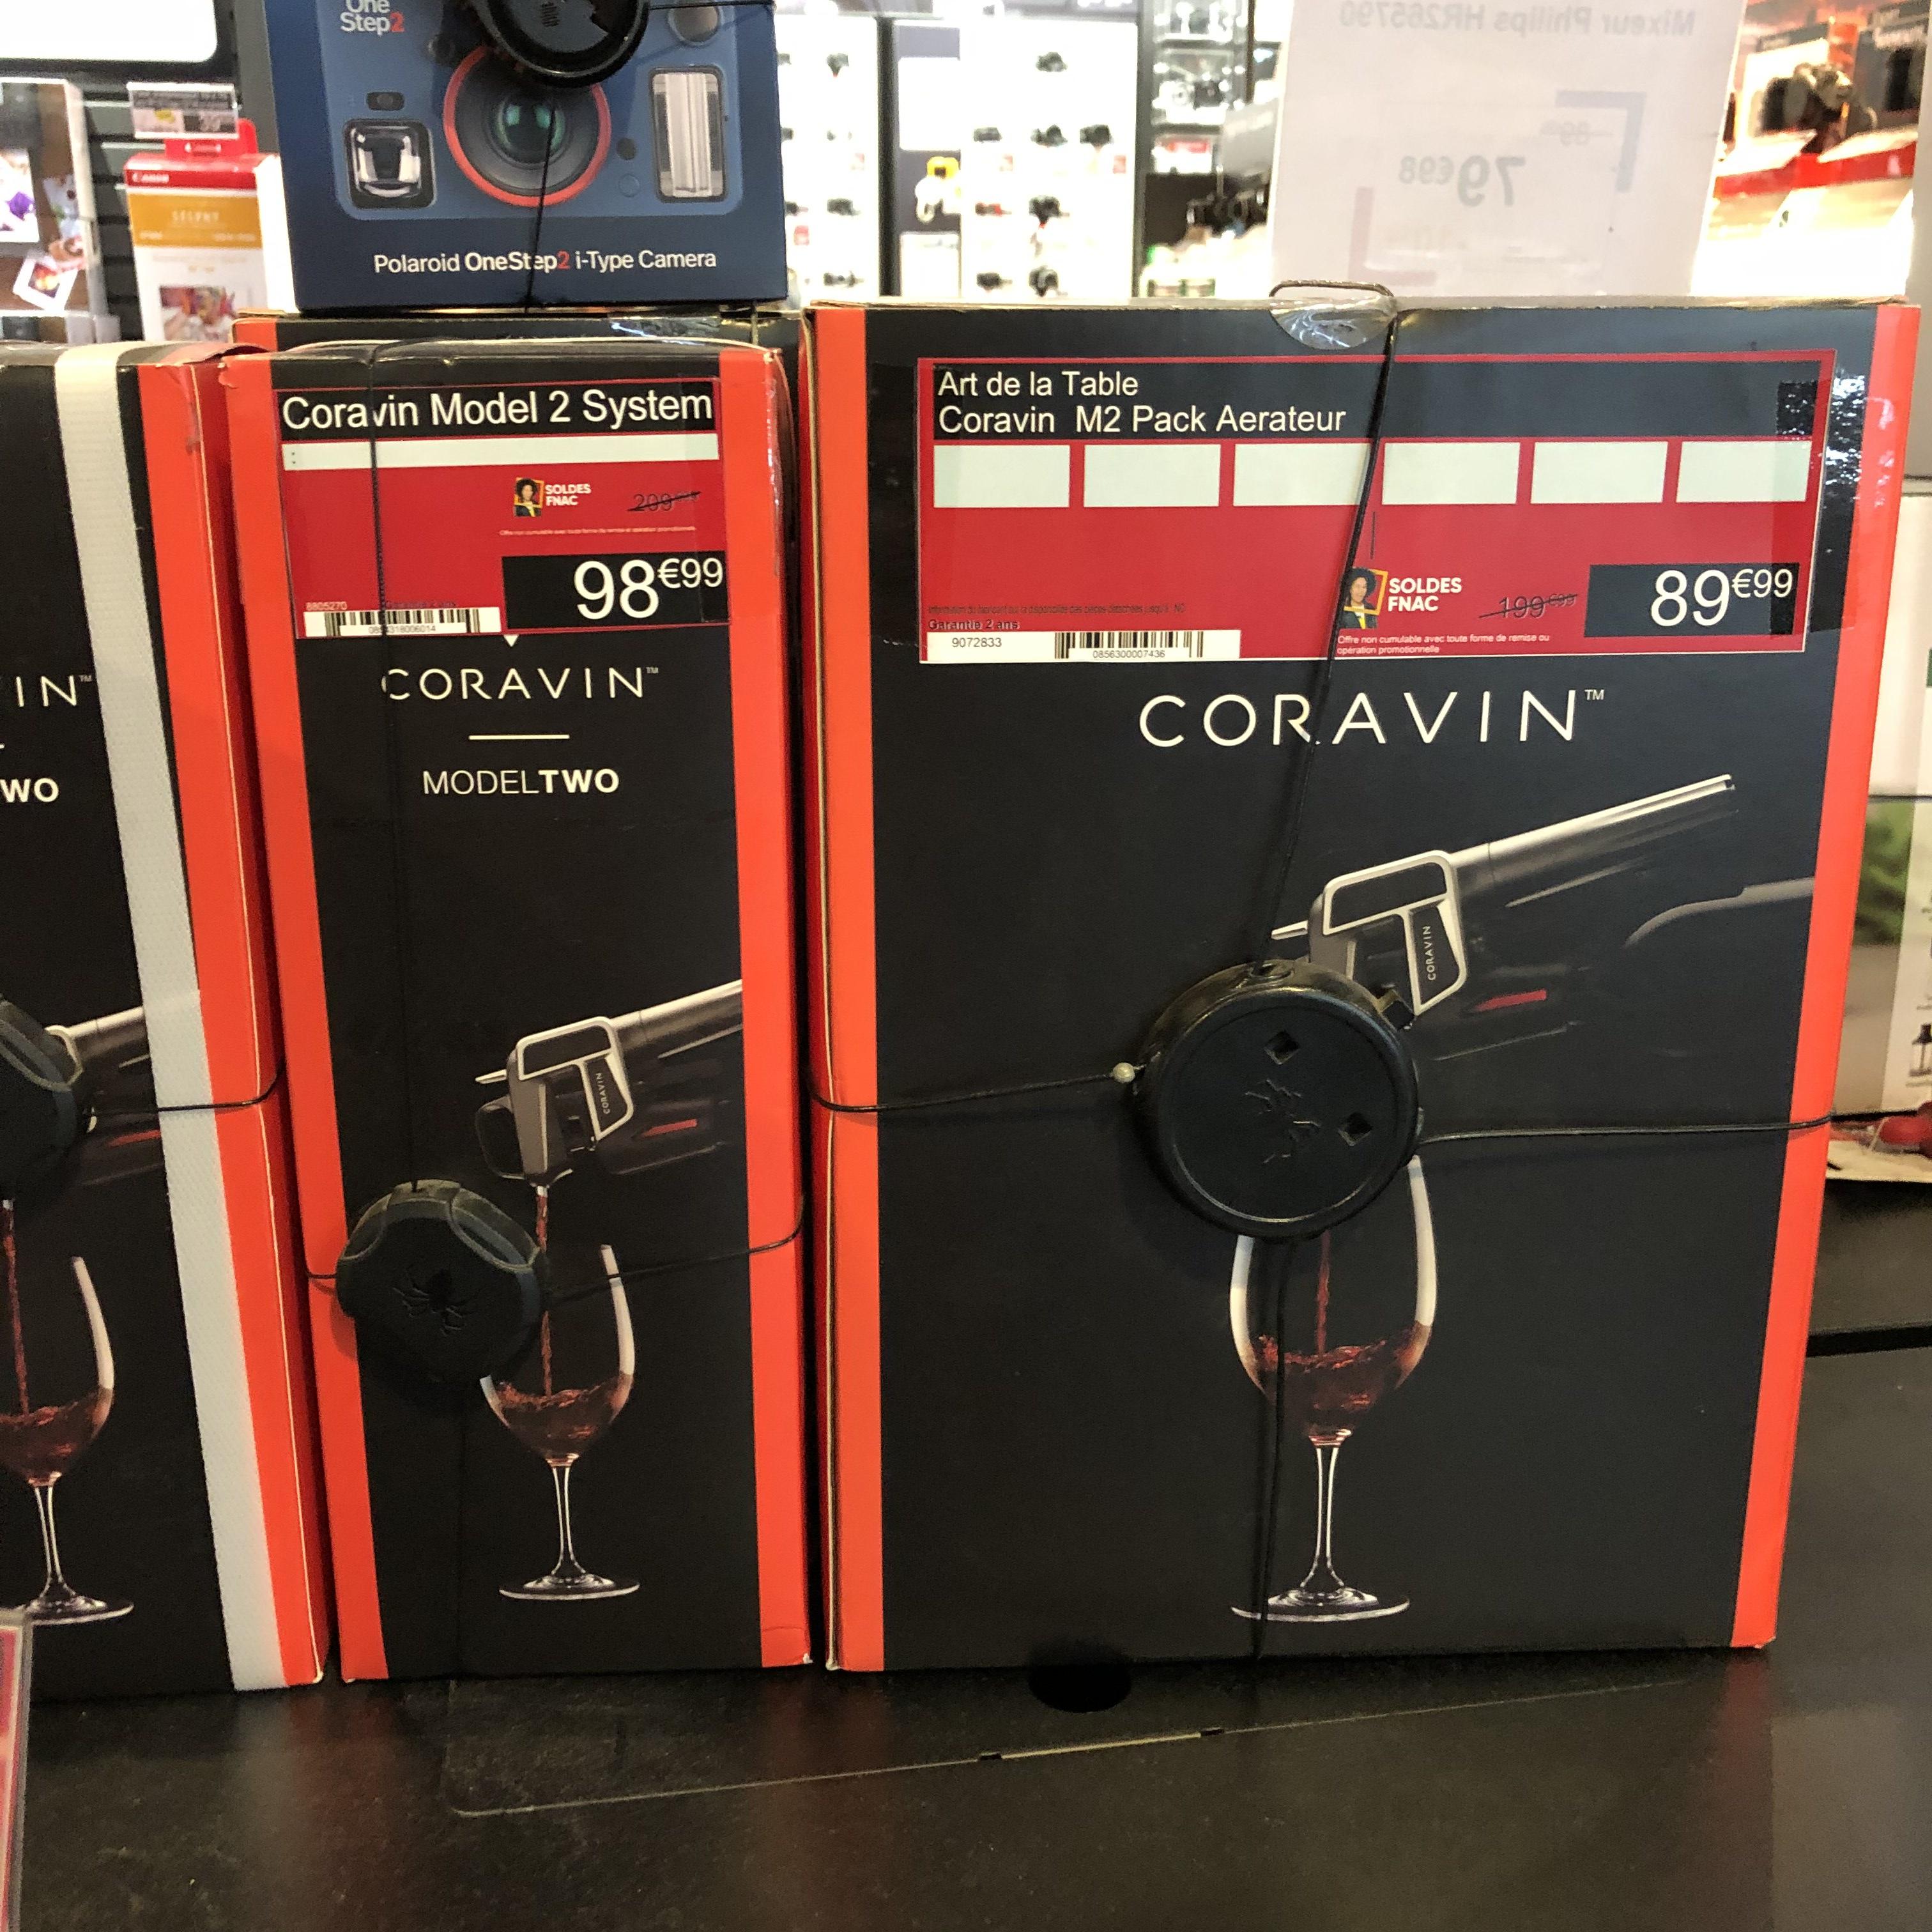 Système de préservation Coravin model Two - Créteil (94)